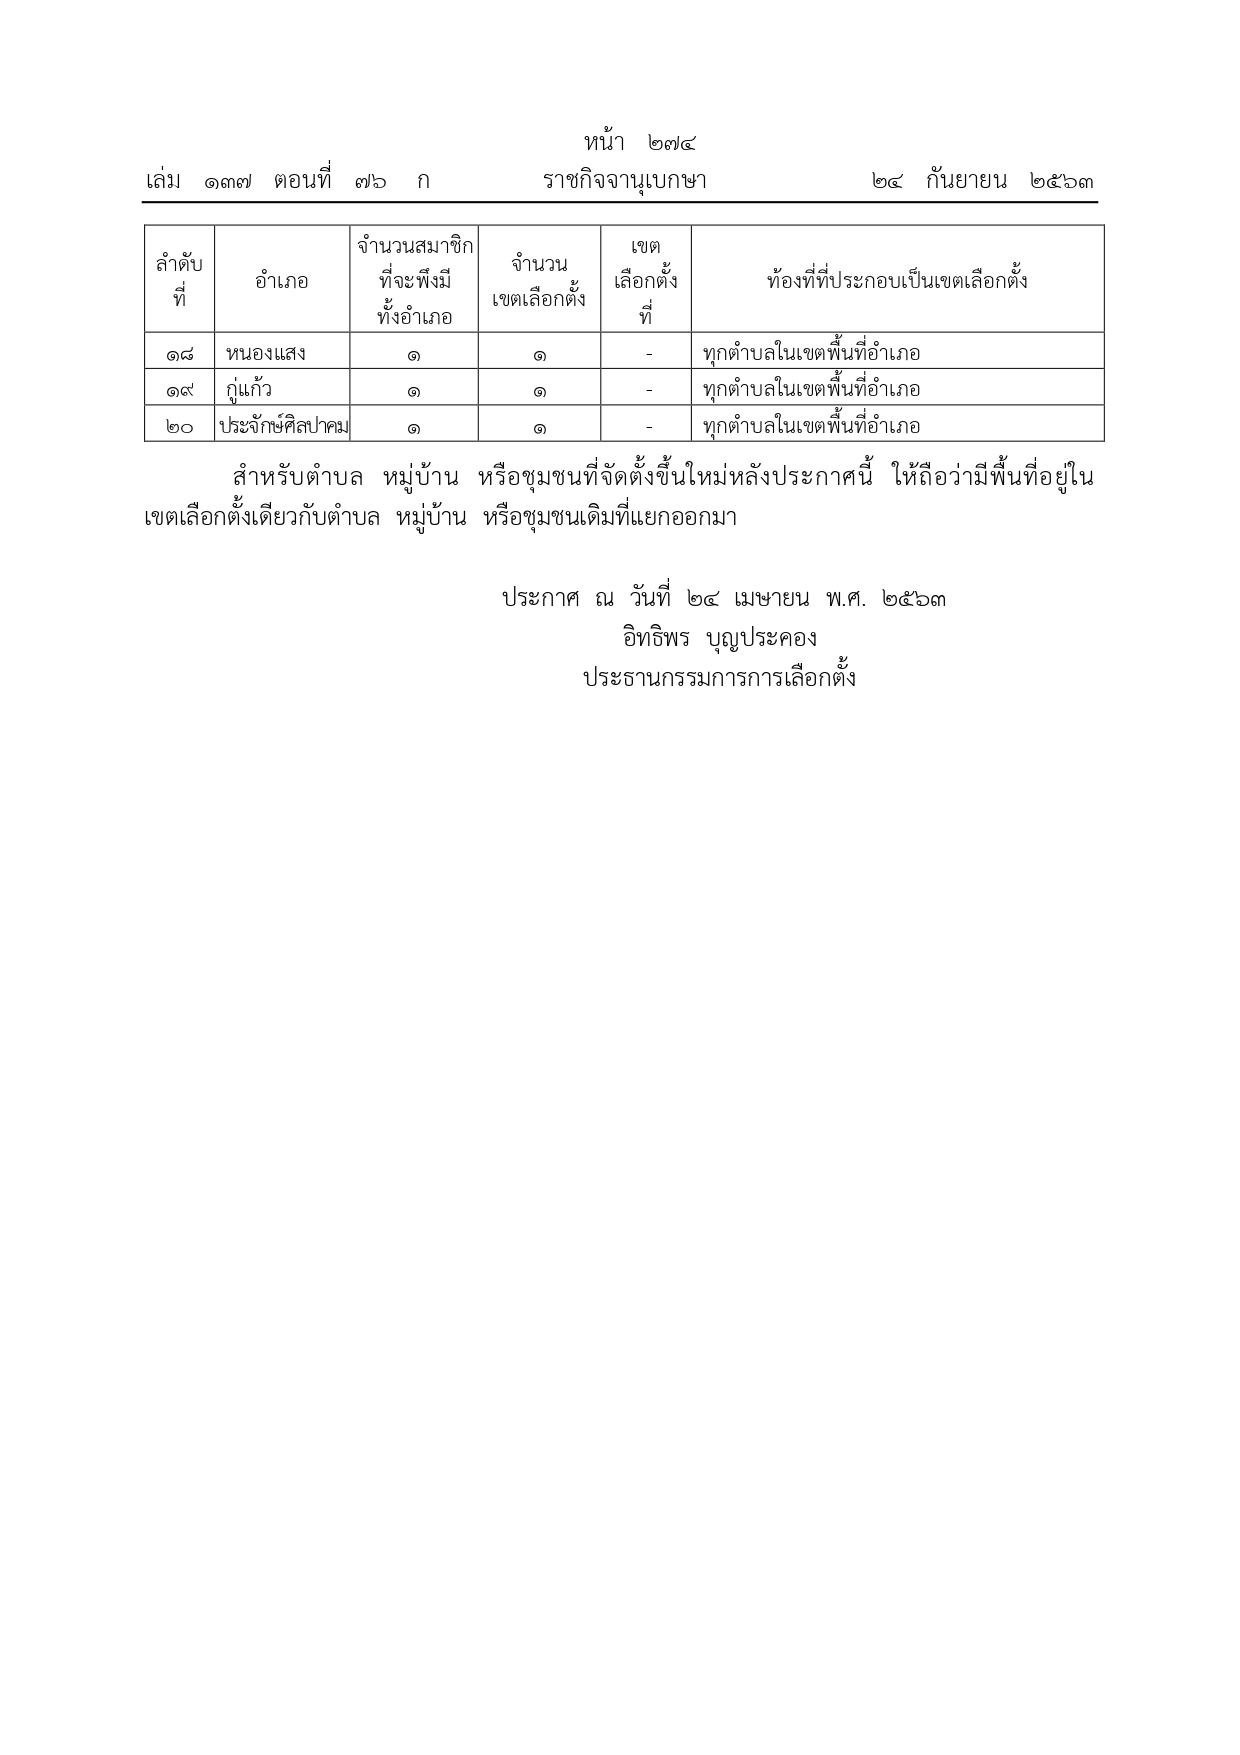 ประกาศคณะกรรมการการเลือกตั้ง เรื่อง การแบ่งเขตเลือกตั้งสมาชิกสภาองค์การบริหารส่วน_page-0008